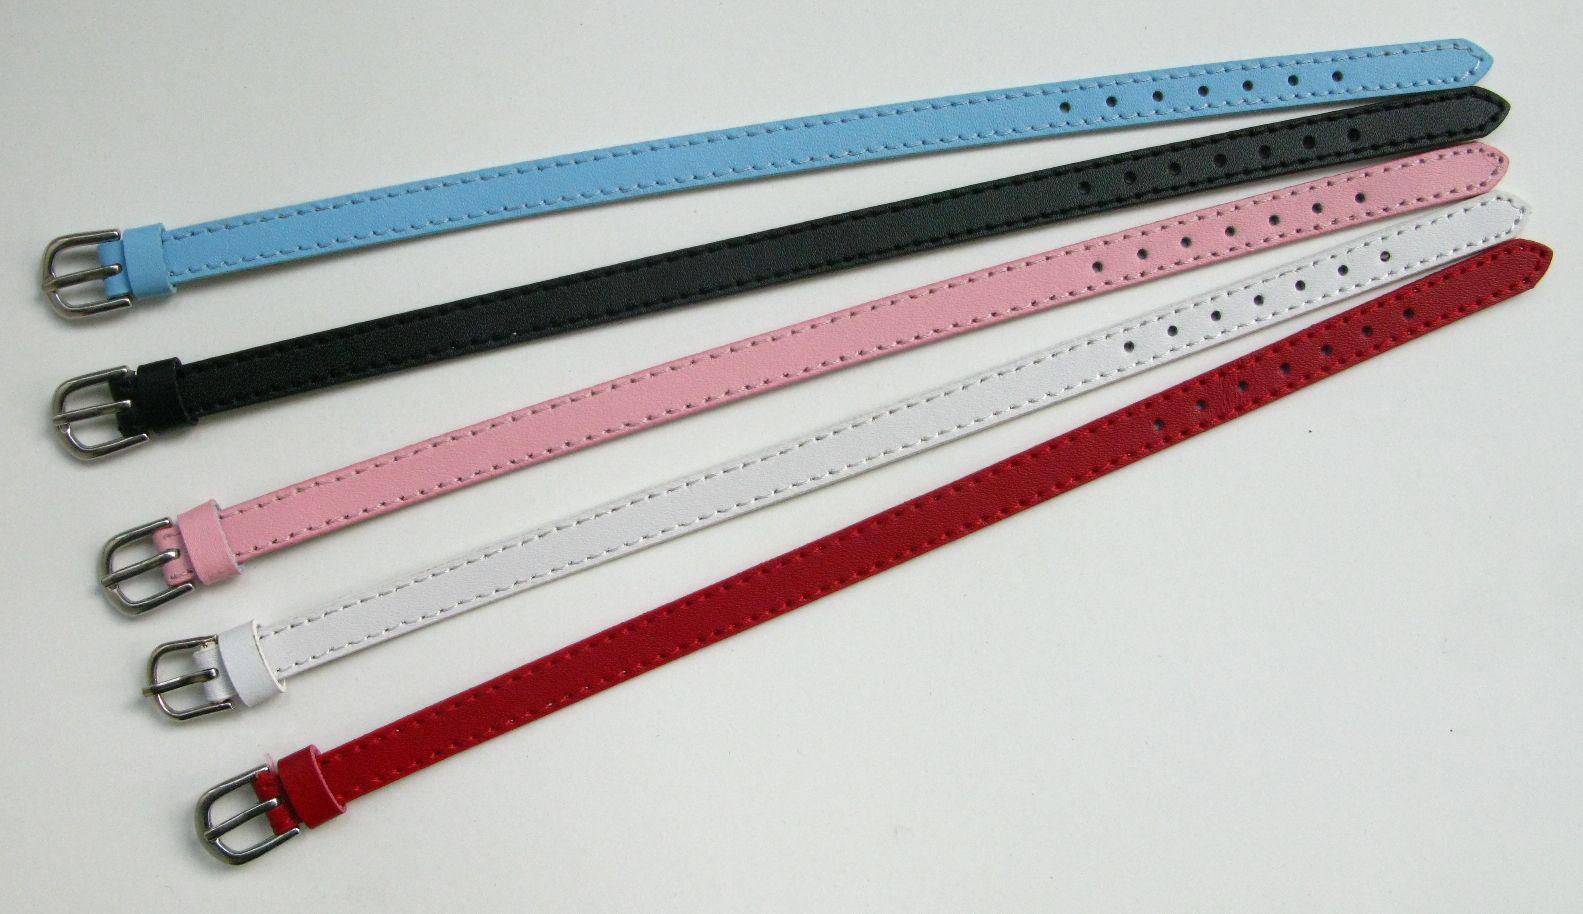 en cuir véritable bracelet Fit 8 mm Lettres / diapositives charme bricolage accessoires